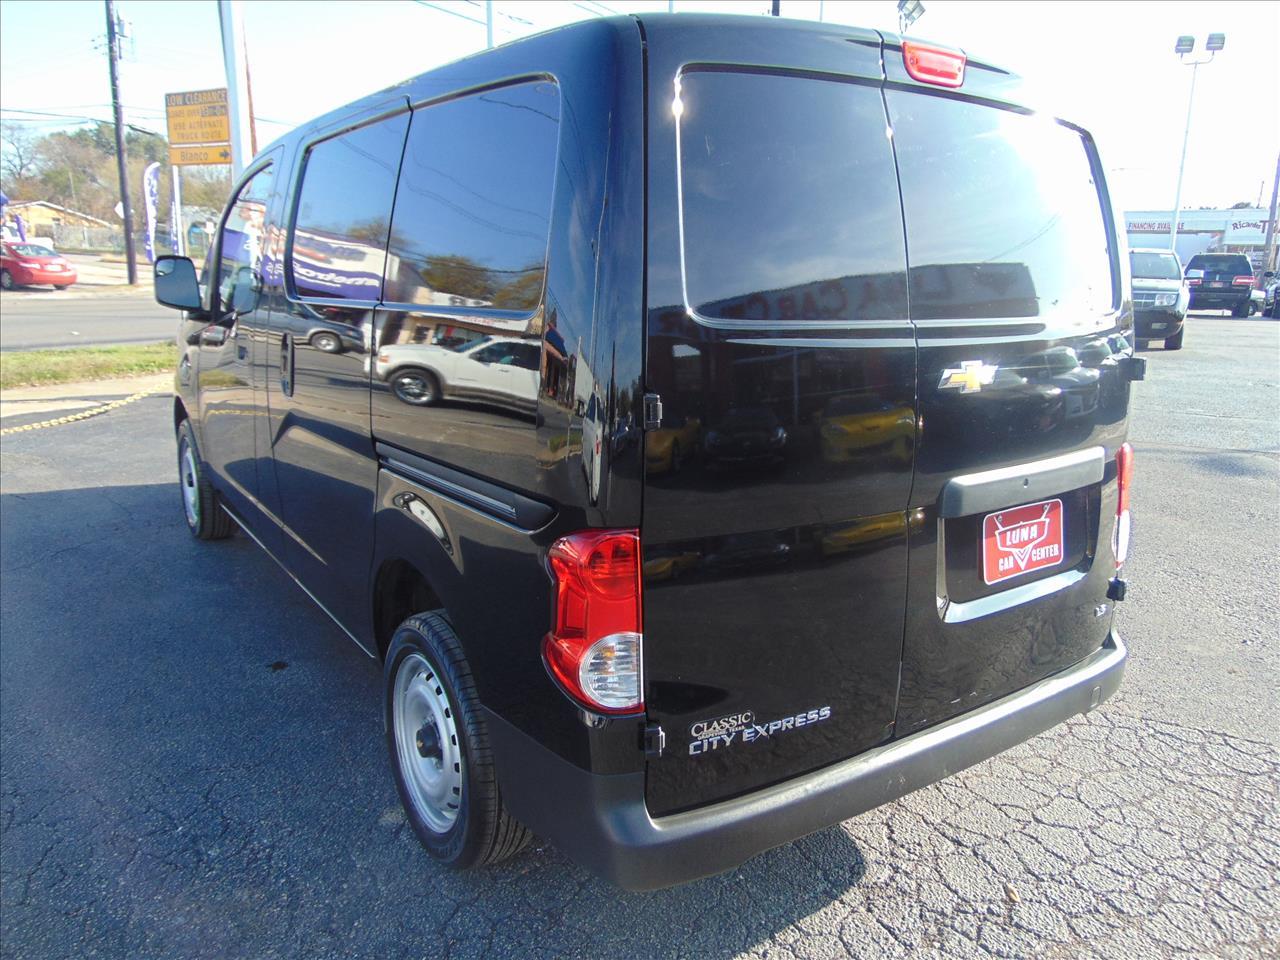 2015 Chevrolet City Express Cargo LS 4dr Cargo Mini-Van In San ...